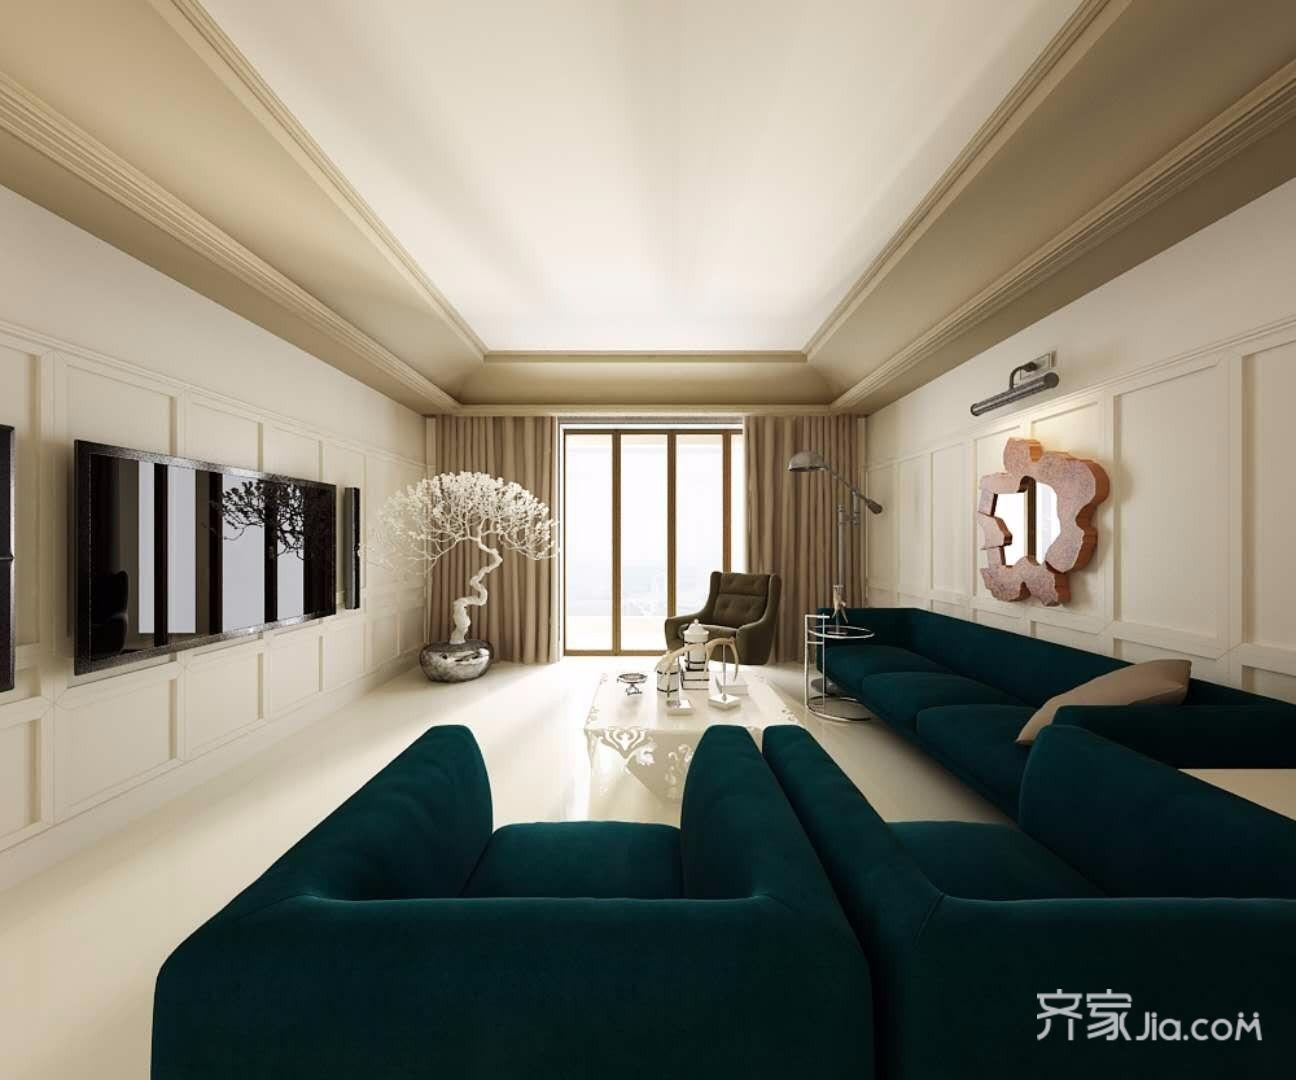 120㎡混搭风格三居客厅装修效果图